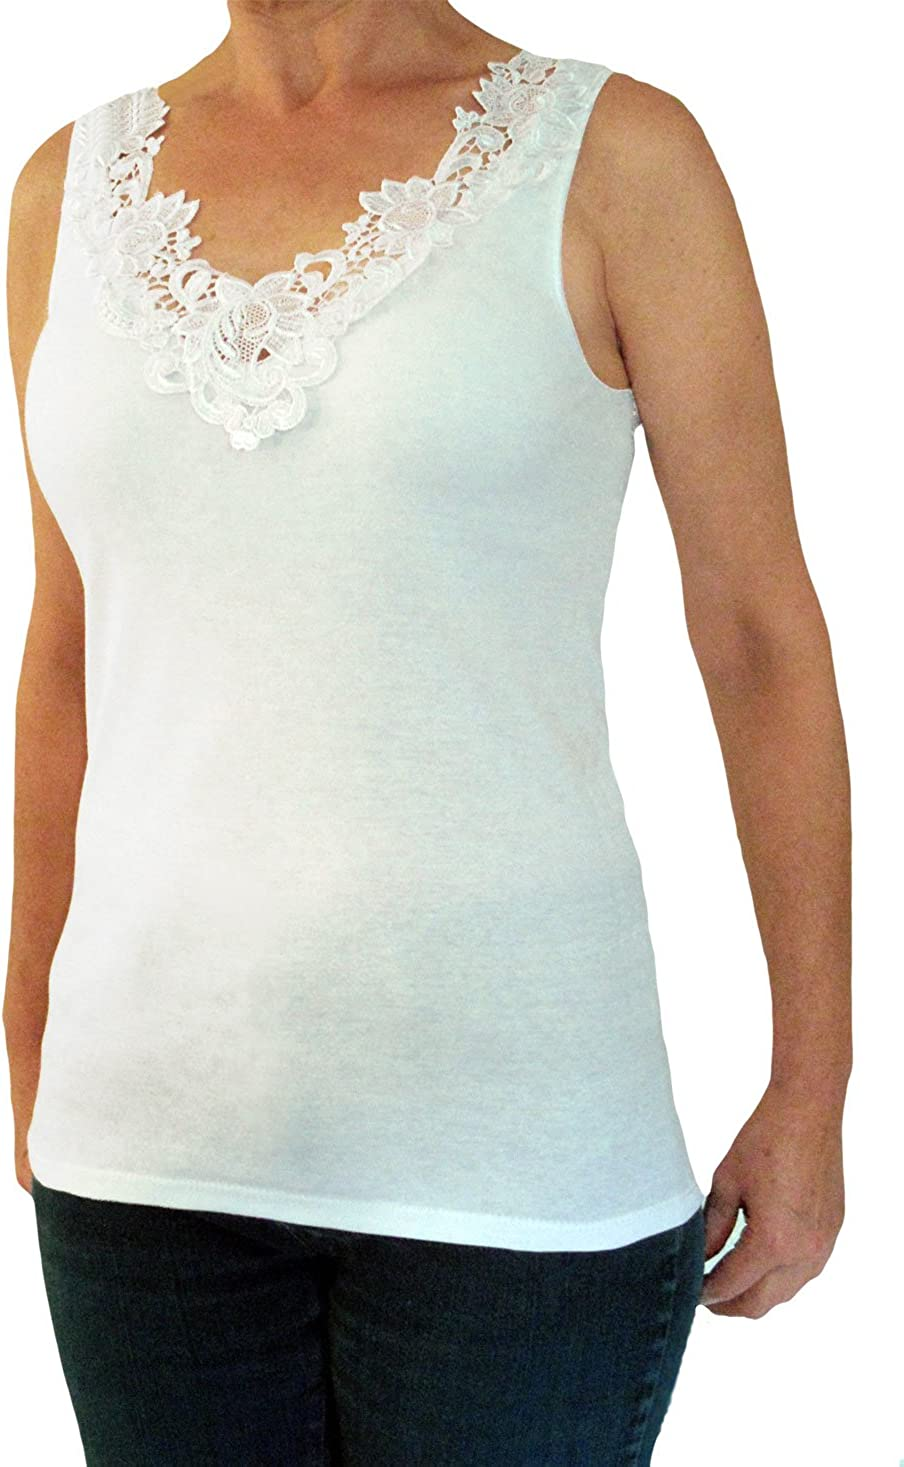 Farben Toker Collection H/übsches Damen Unterhemd mit extra breiter Spitze in versch